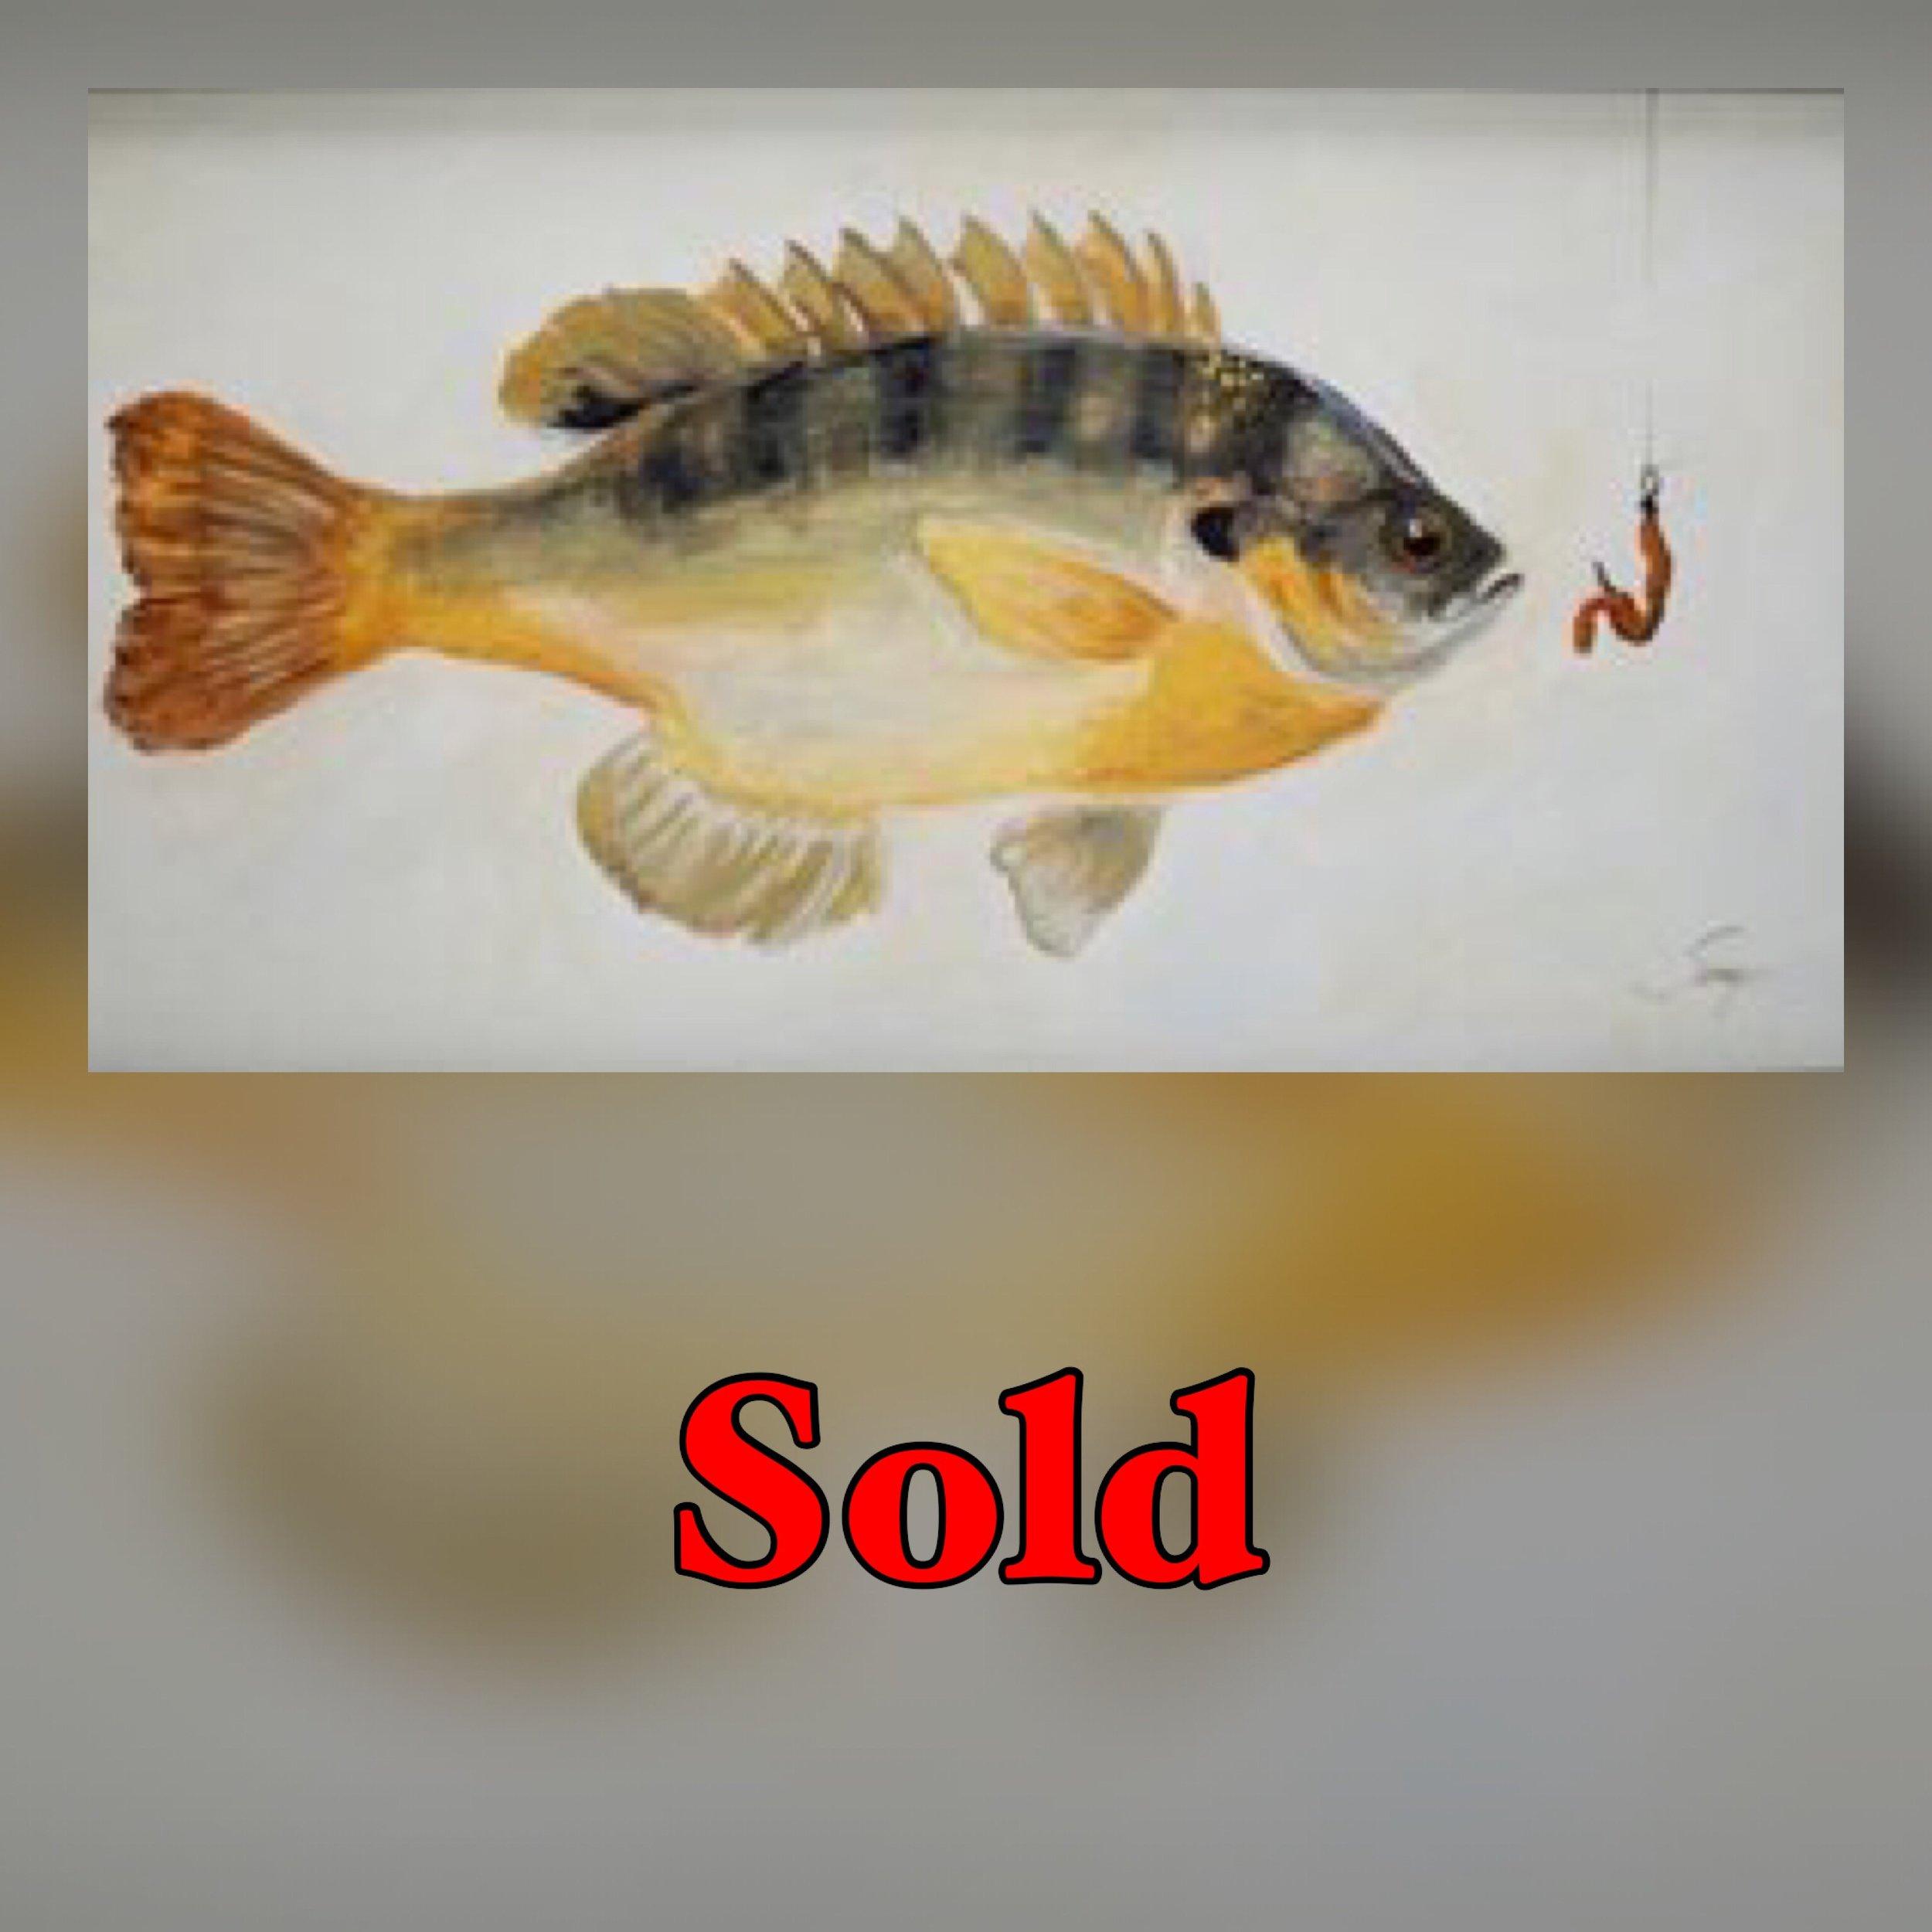 Blue Gill Sold.jpg